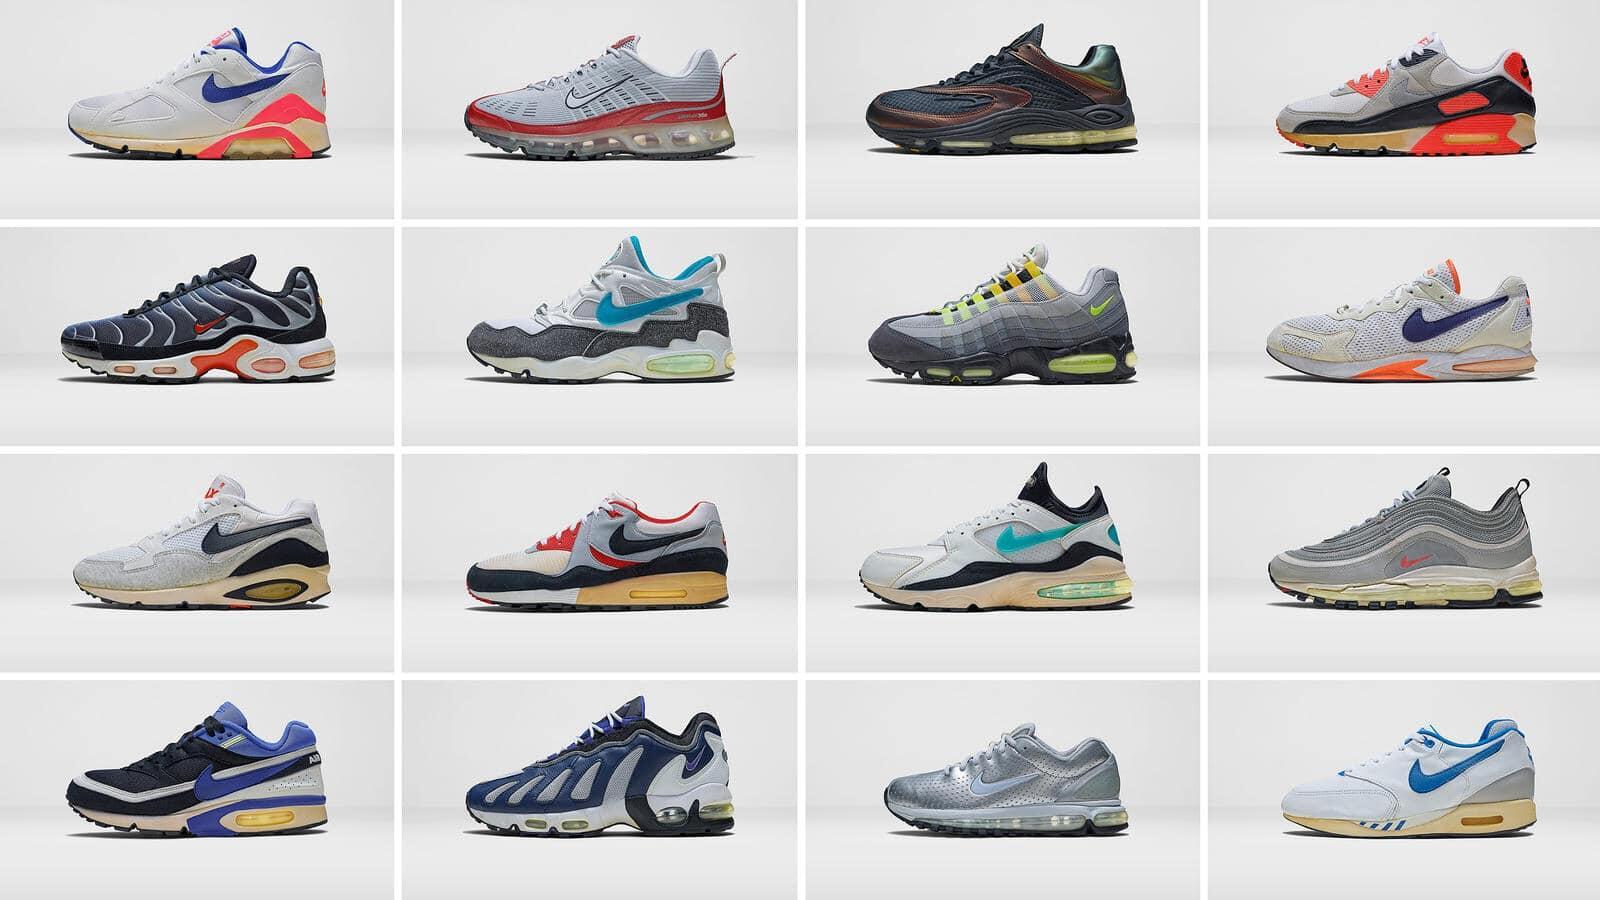 Lịch sử phát triển công nghệ Nike AIR – Đột phá công nghệ hay trò lố marketing